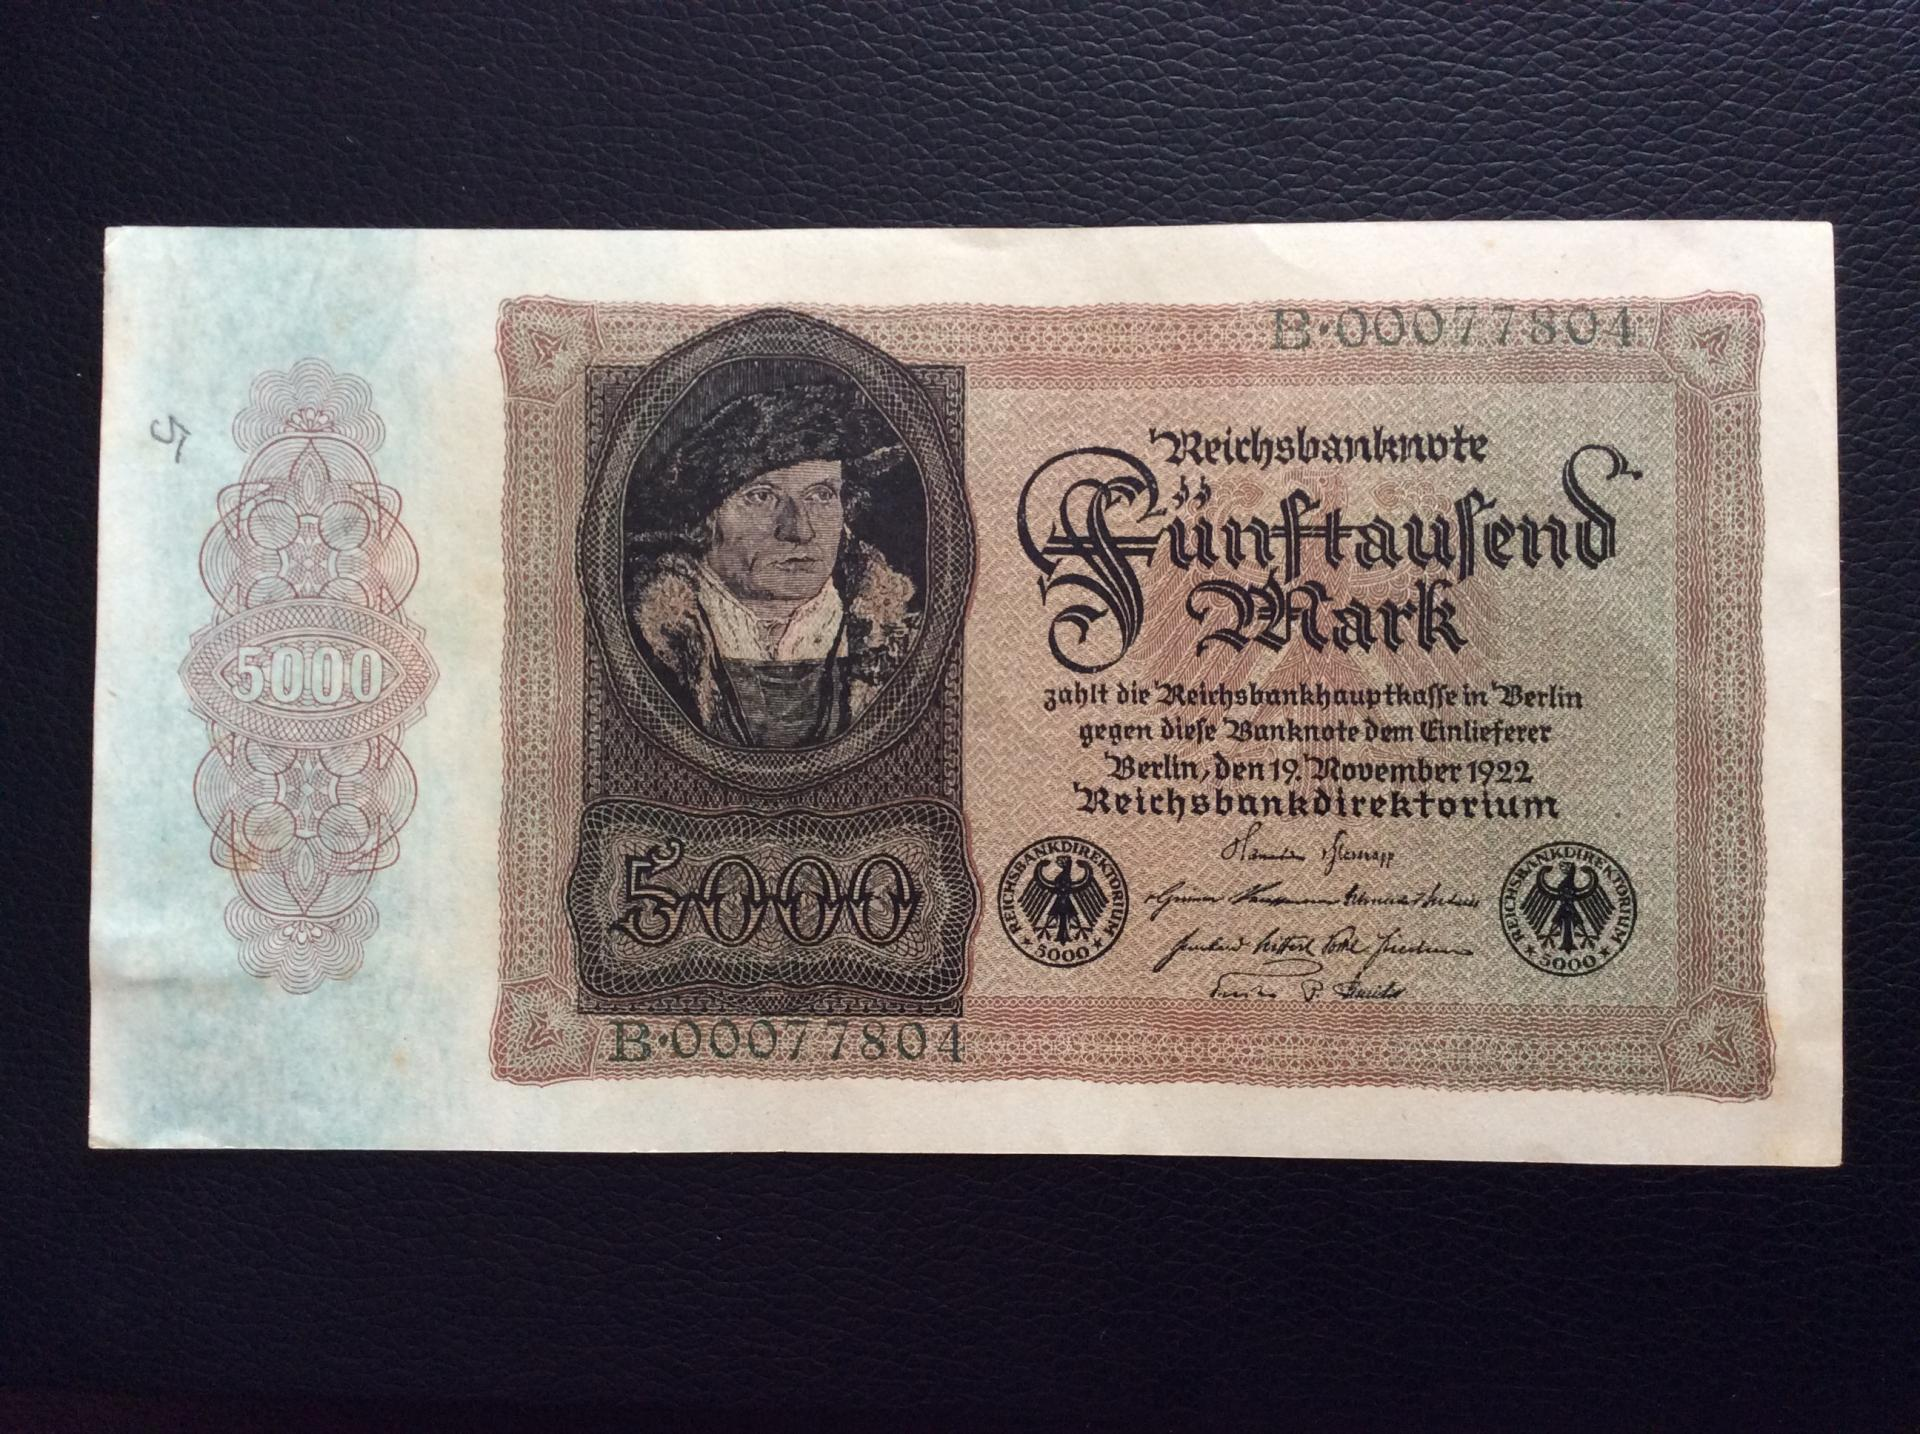 5.000 MARK 1922 - BERLÍN ALEMANIA - REICHSBANKNOTE